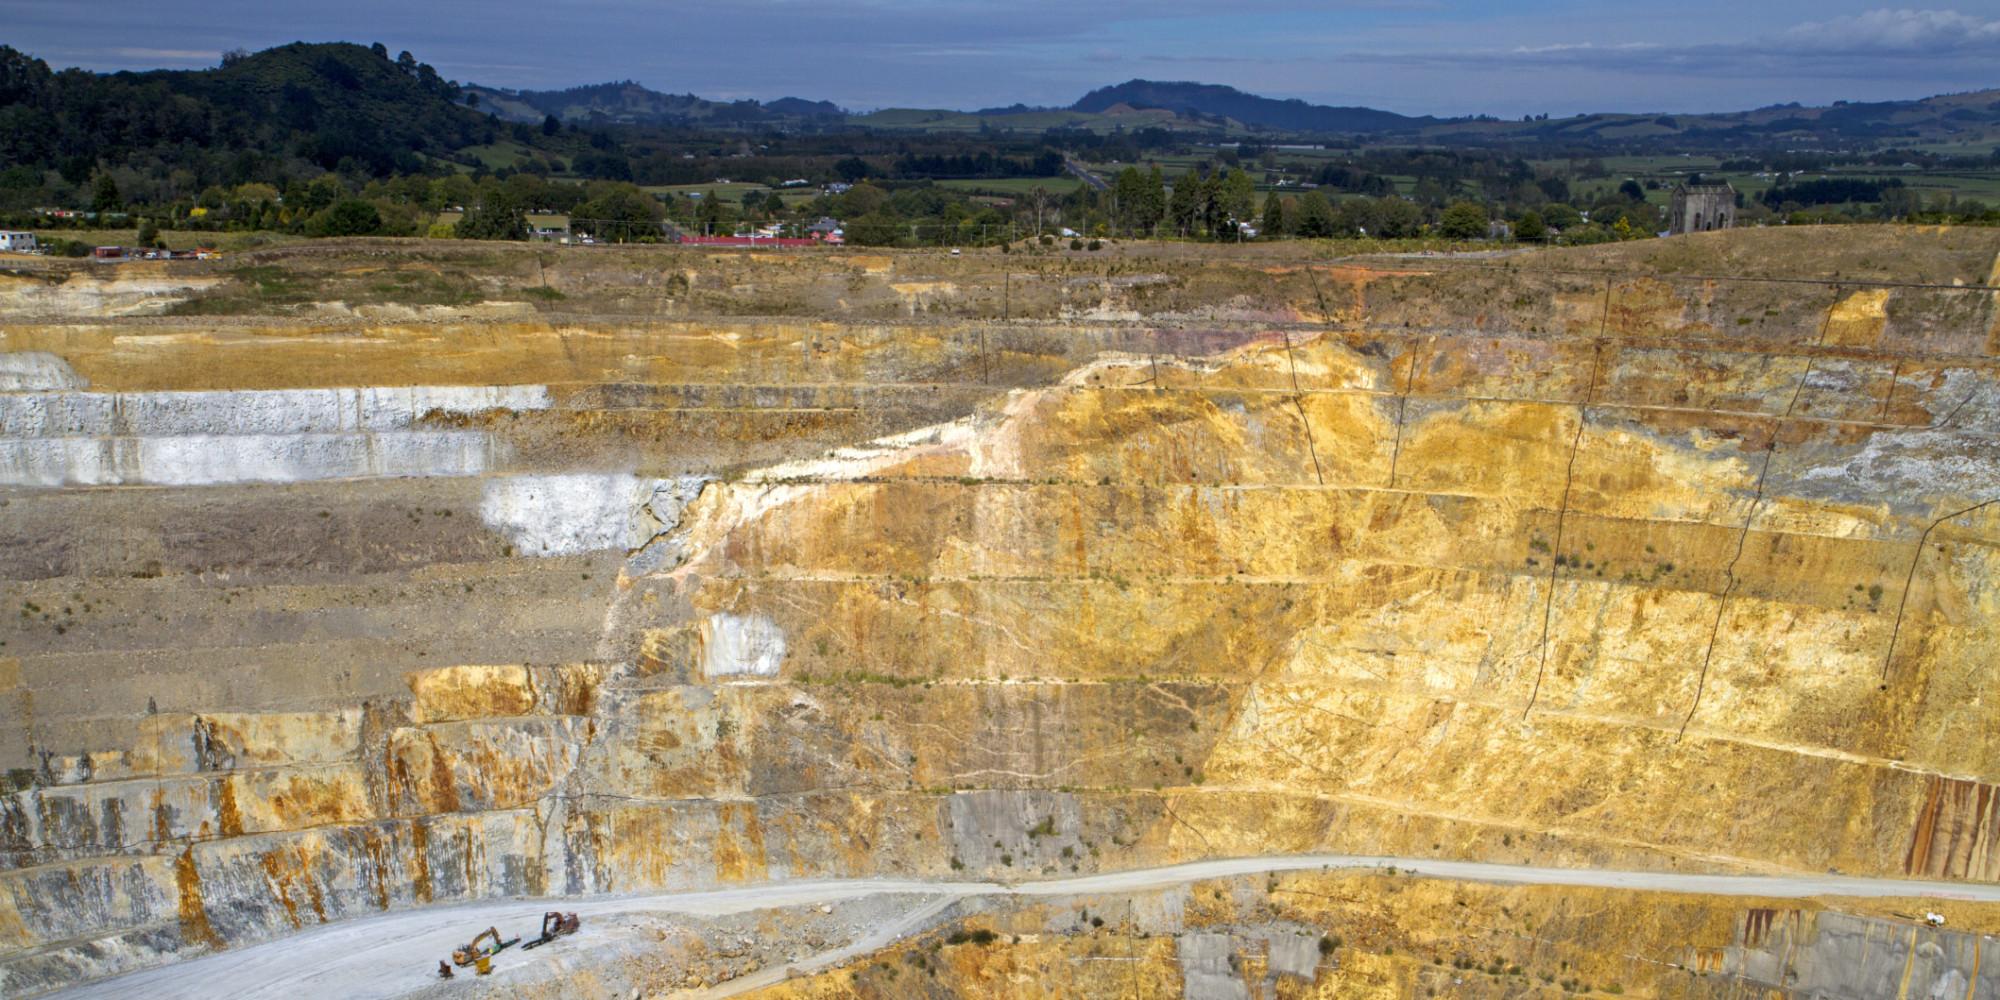 mines d u0026 39 or  l u0026 39 origine de leur formation d u00e9couverte par des